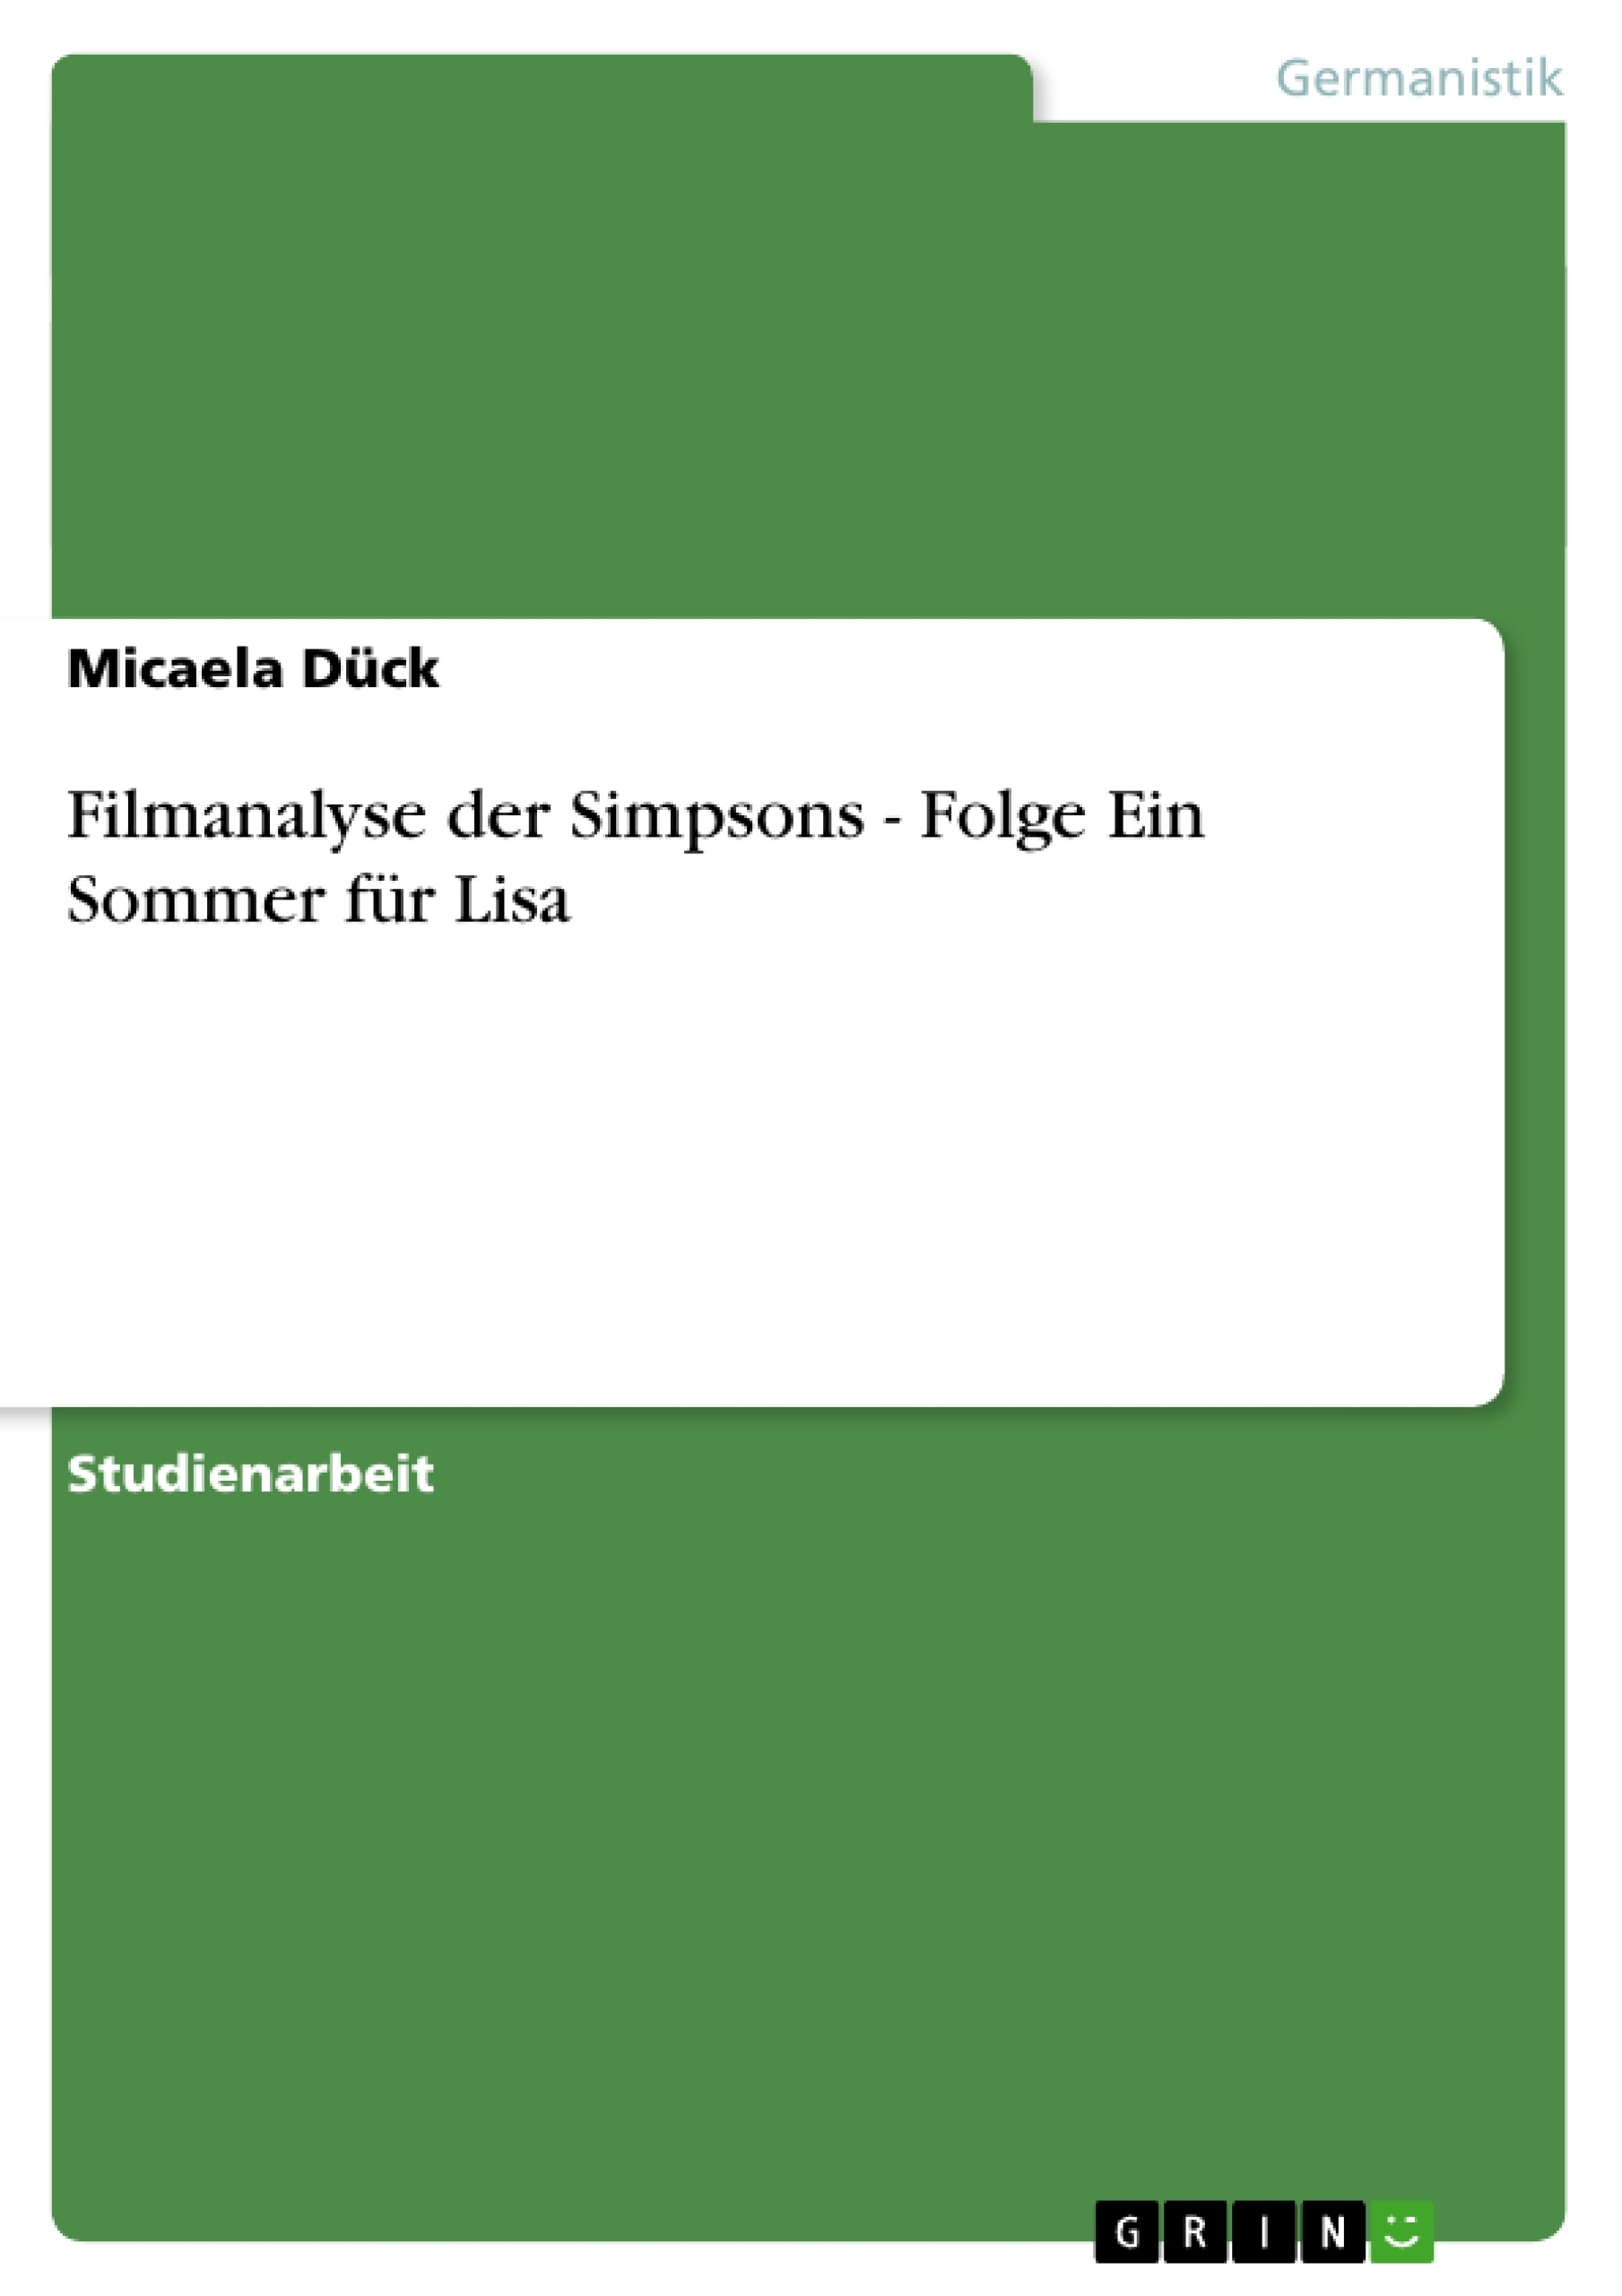 Titel: Filmanalyse der Simpsons - Folge Ein Sommer für Lisa